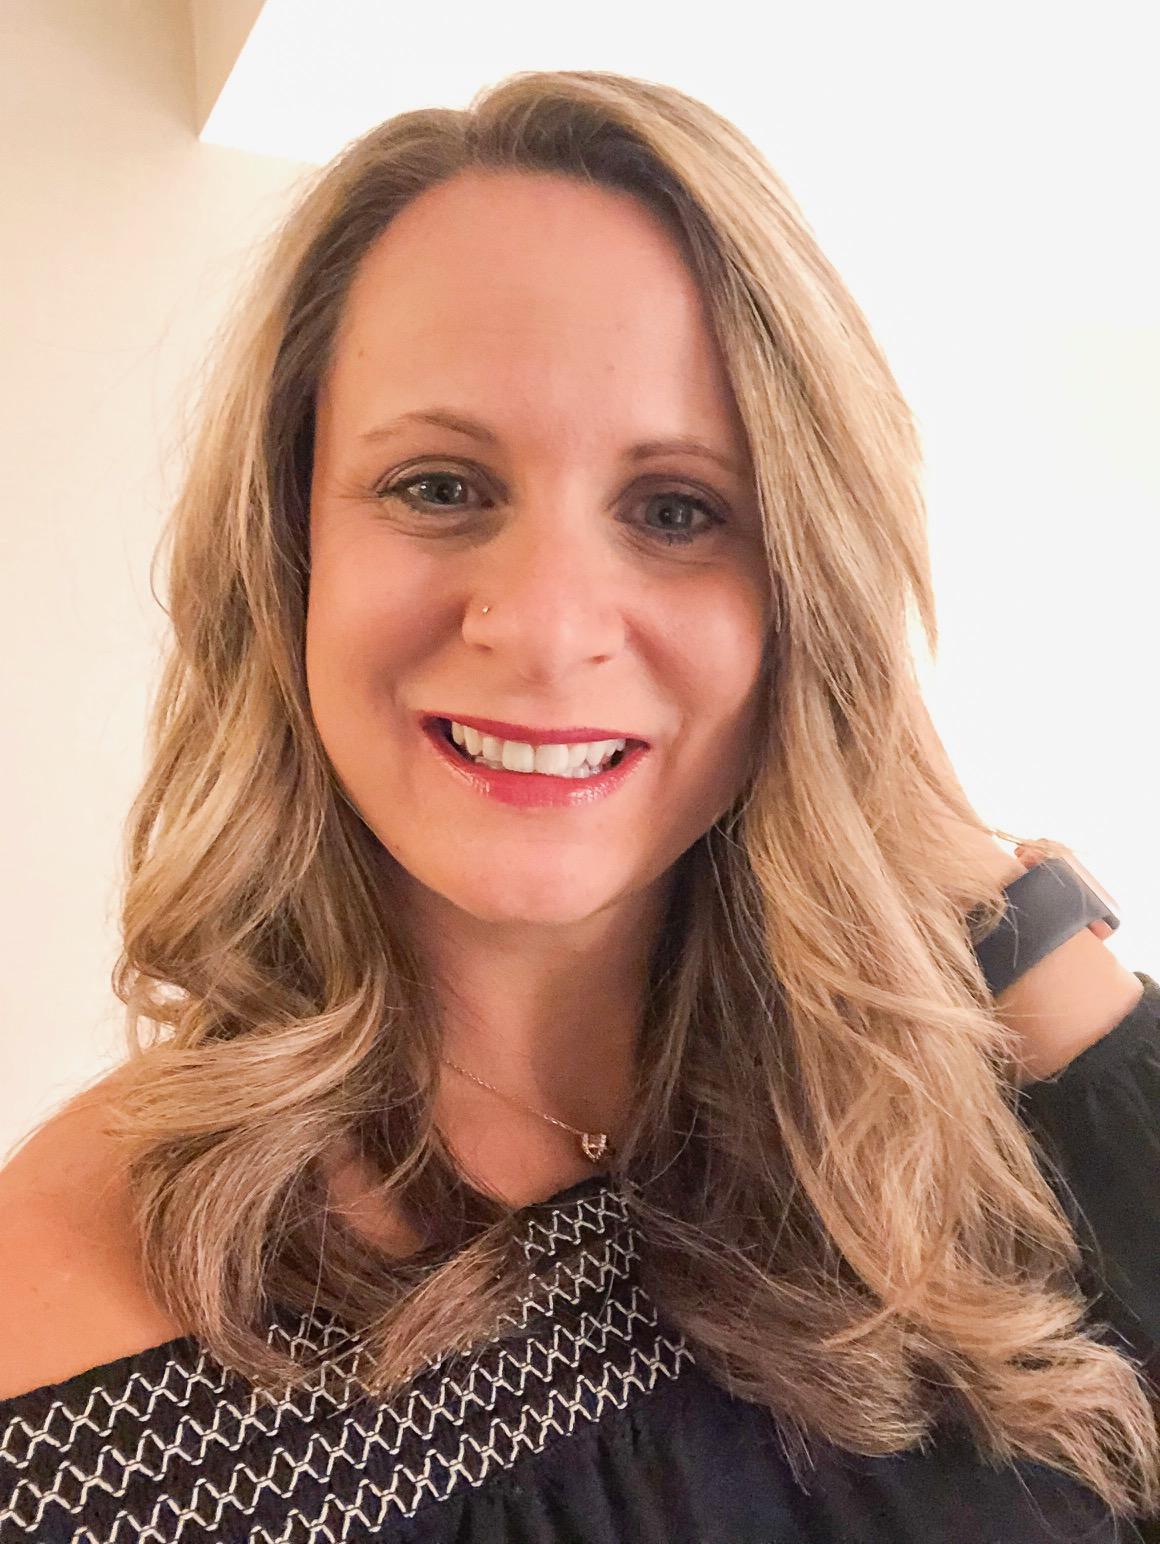 Krystal Culpepper  Aldie, Virginia (Washington DC area) Personal Instagram : travelingcpeppers Business Instagram: sweetpeastudios